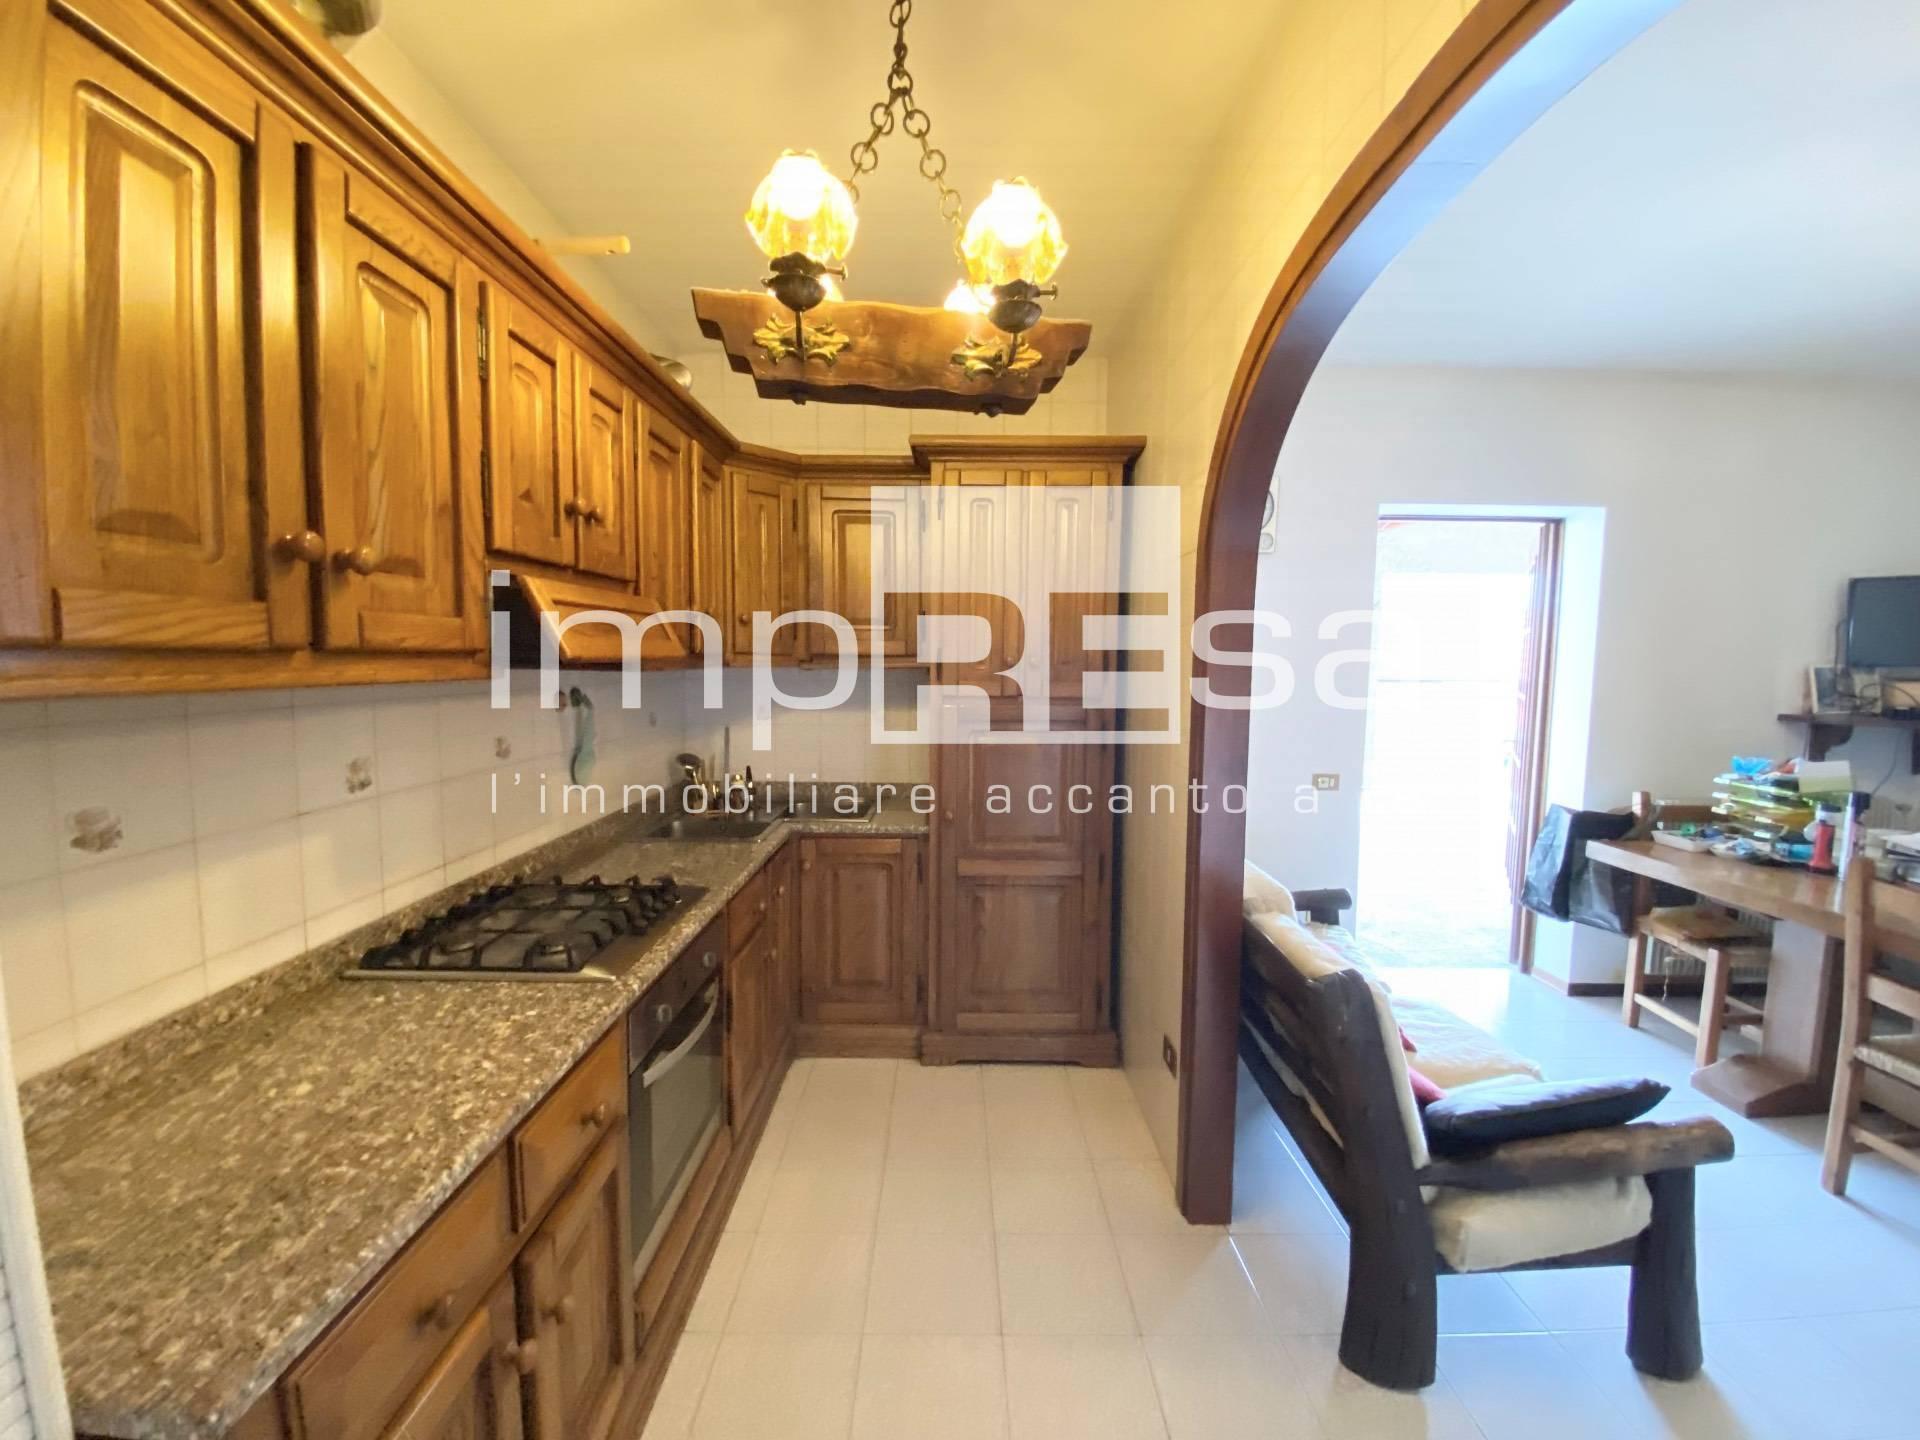 Appartamento in vendita a Maserada sul Piave, 6 locali, zona go, prezzo € 80.000   PortaleAgenzieImmobiliari.it